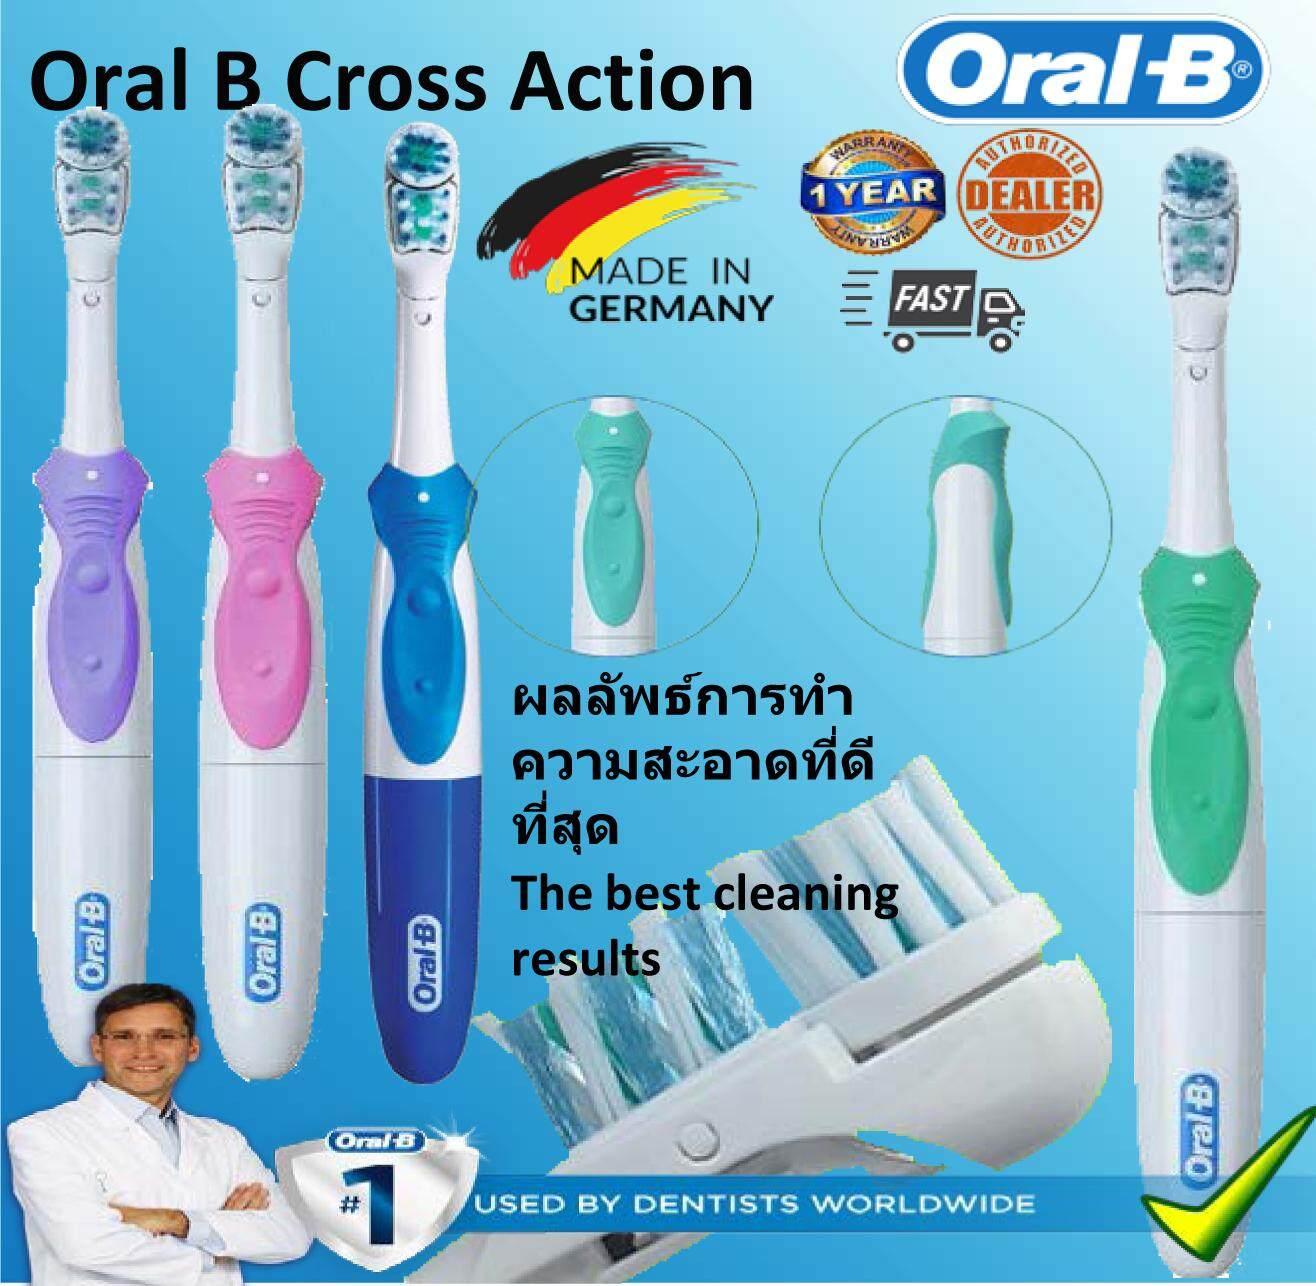 แปรงสีฟันไฟฟ้า รอยยิ้มขาวสดใสใน 1 สัปดาห์ สมุทรปราการ 1 x Oral B Cross Action Power Whitening Electronic Toothbrush